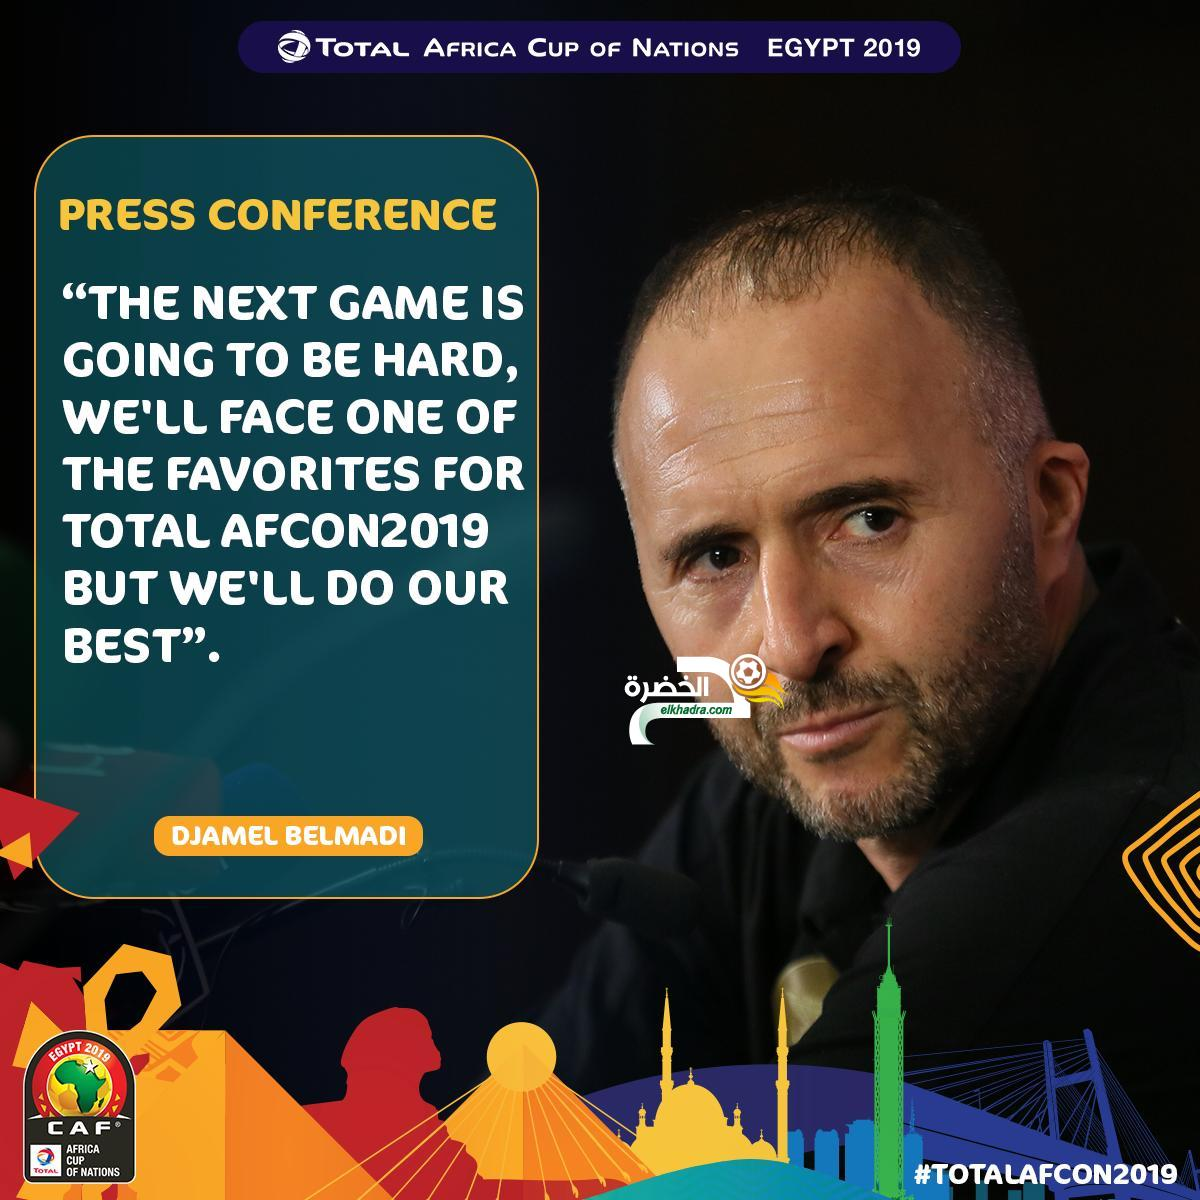 كأس إفريقيا 2019: بداية موفقة للمنتخب الجزائري بفوز على كينيا 17